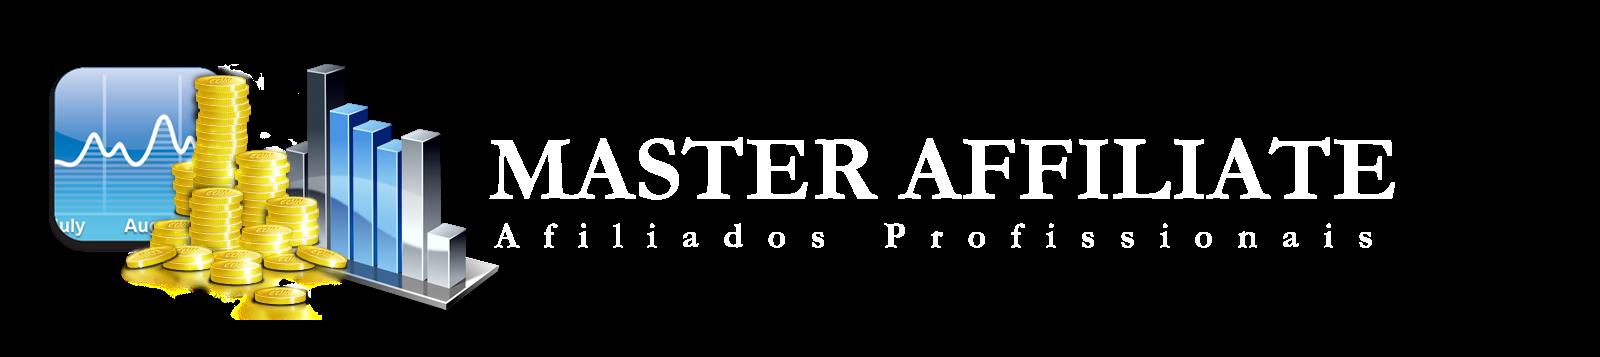 MasterAffiliate